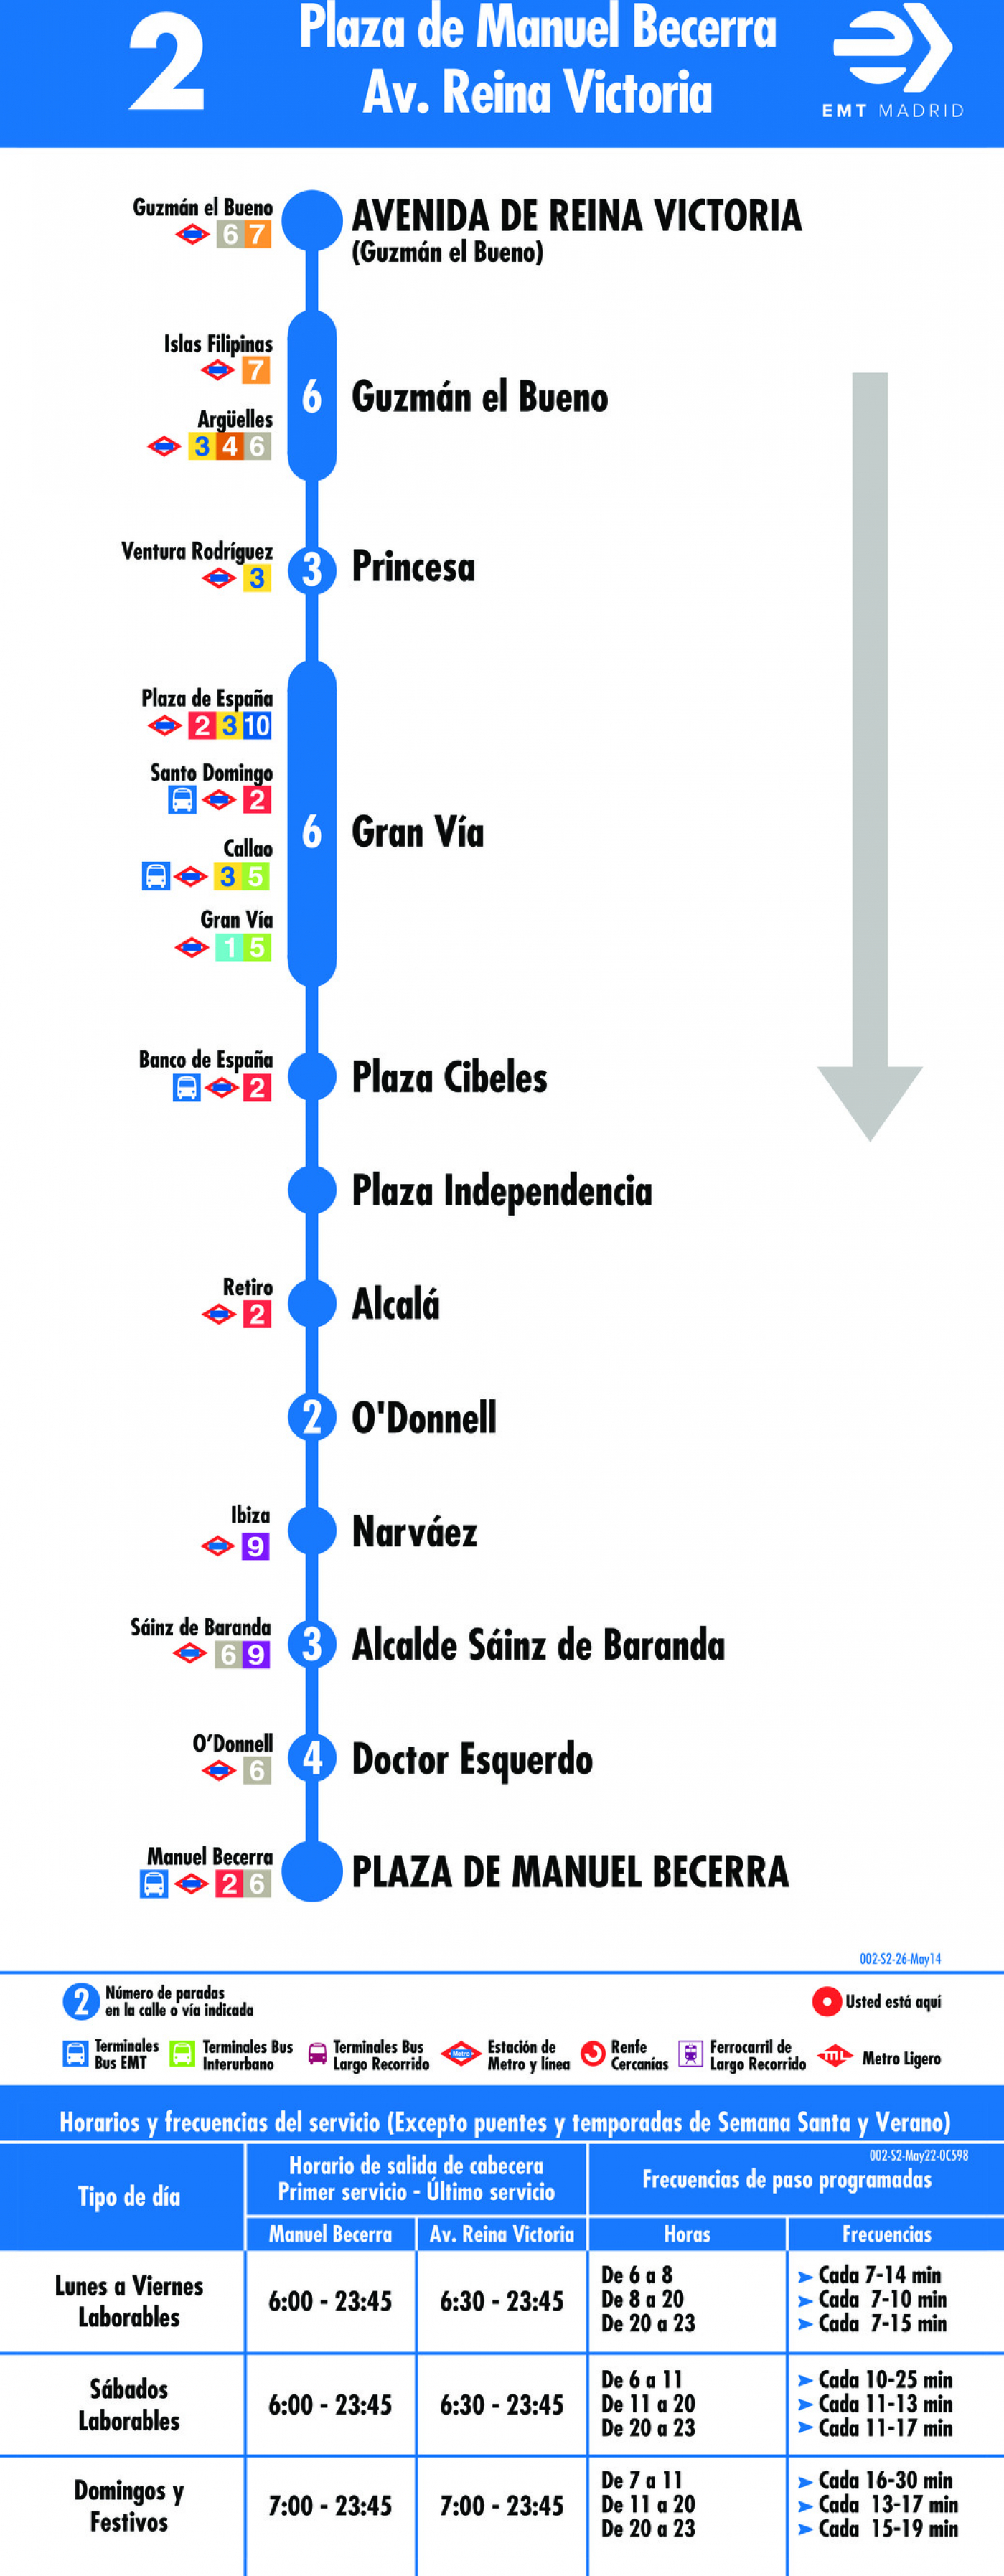 Tabla de horarios y frecuencias de paso en sentido vuelta Línea 2: Plaza de Manuel Becerra - Avenida de Reina Victoria